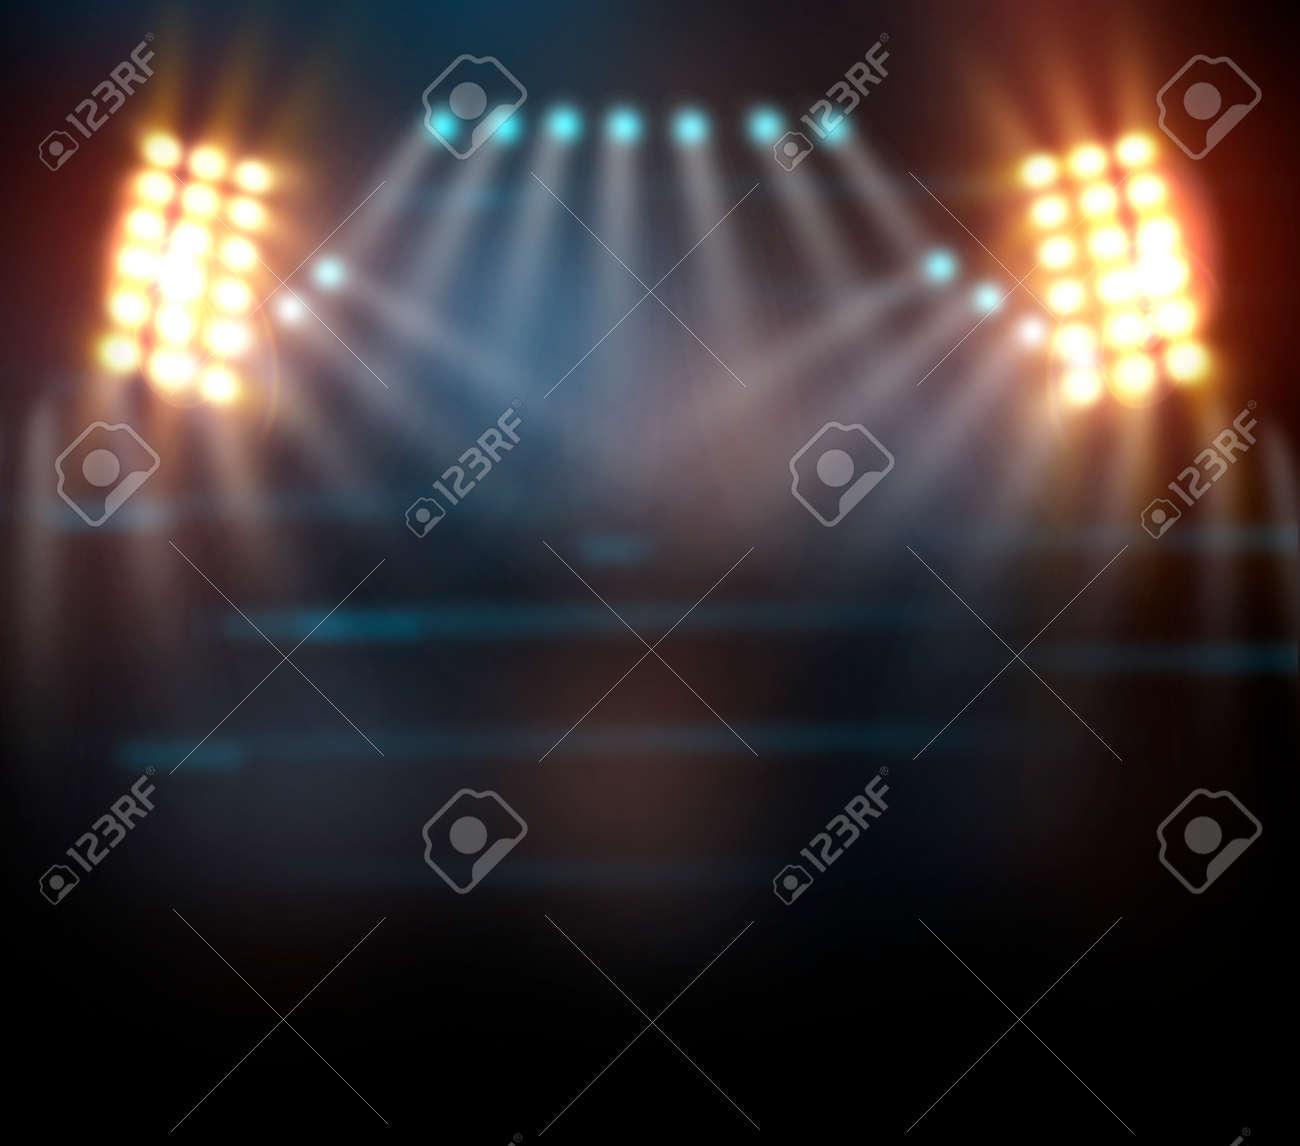 concert light show, Stage lights - 34068444